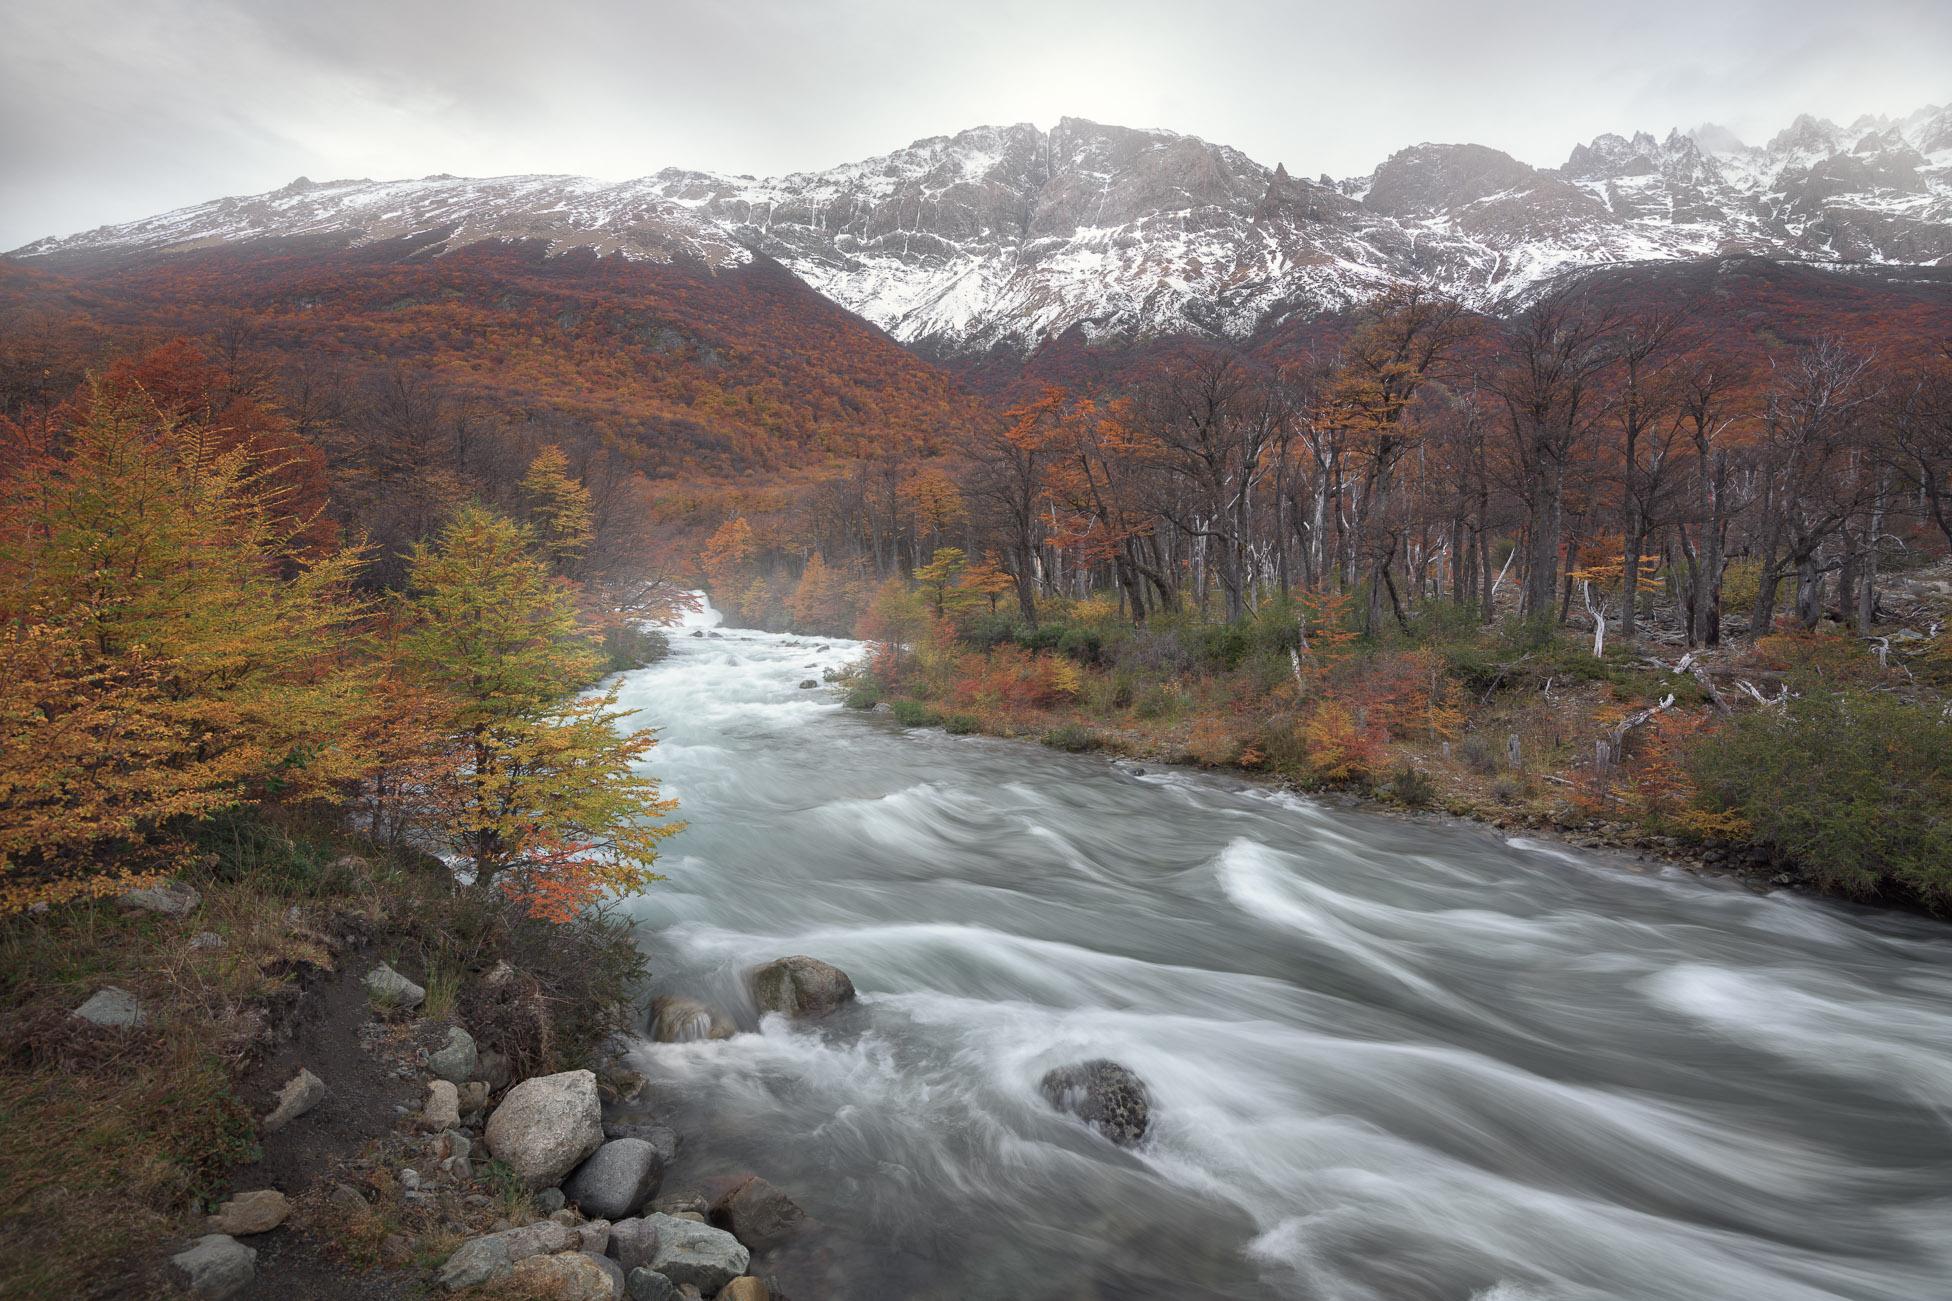 Rio De las Vueltas in the Morning, Los Glaciares National Park, Argentina